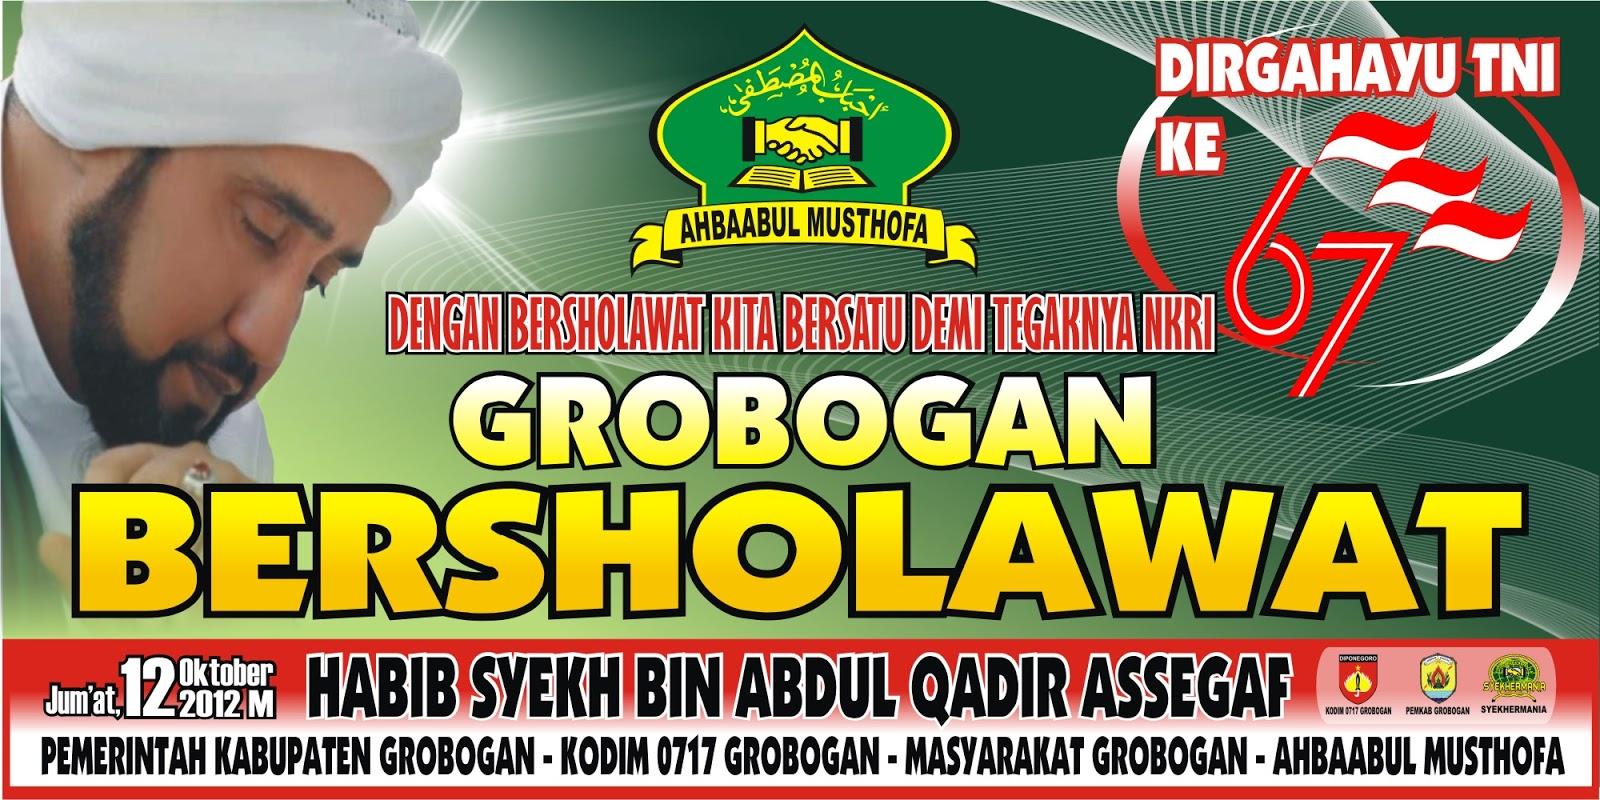 """GROBOGAN BERSHOLAWAT - DIRGAHAYU TNI KE 67 """""""